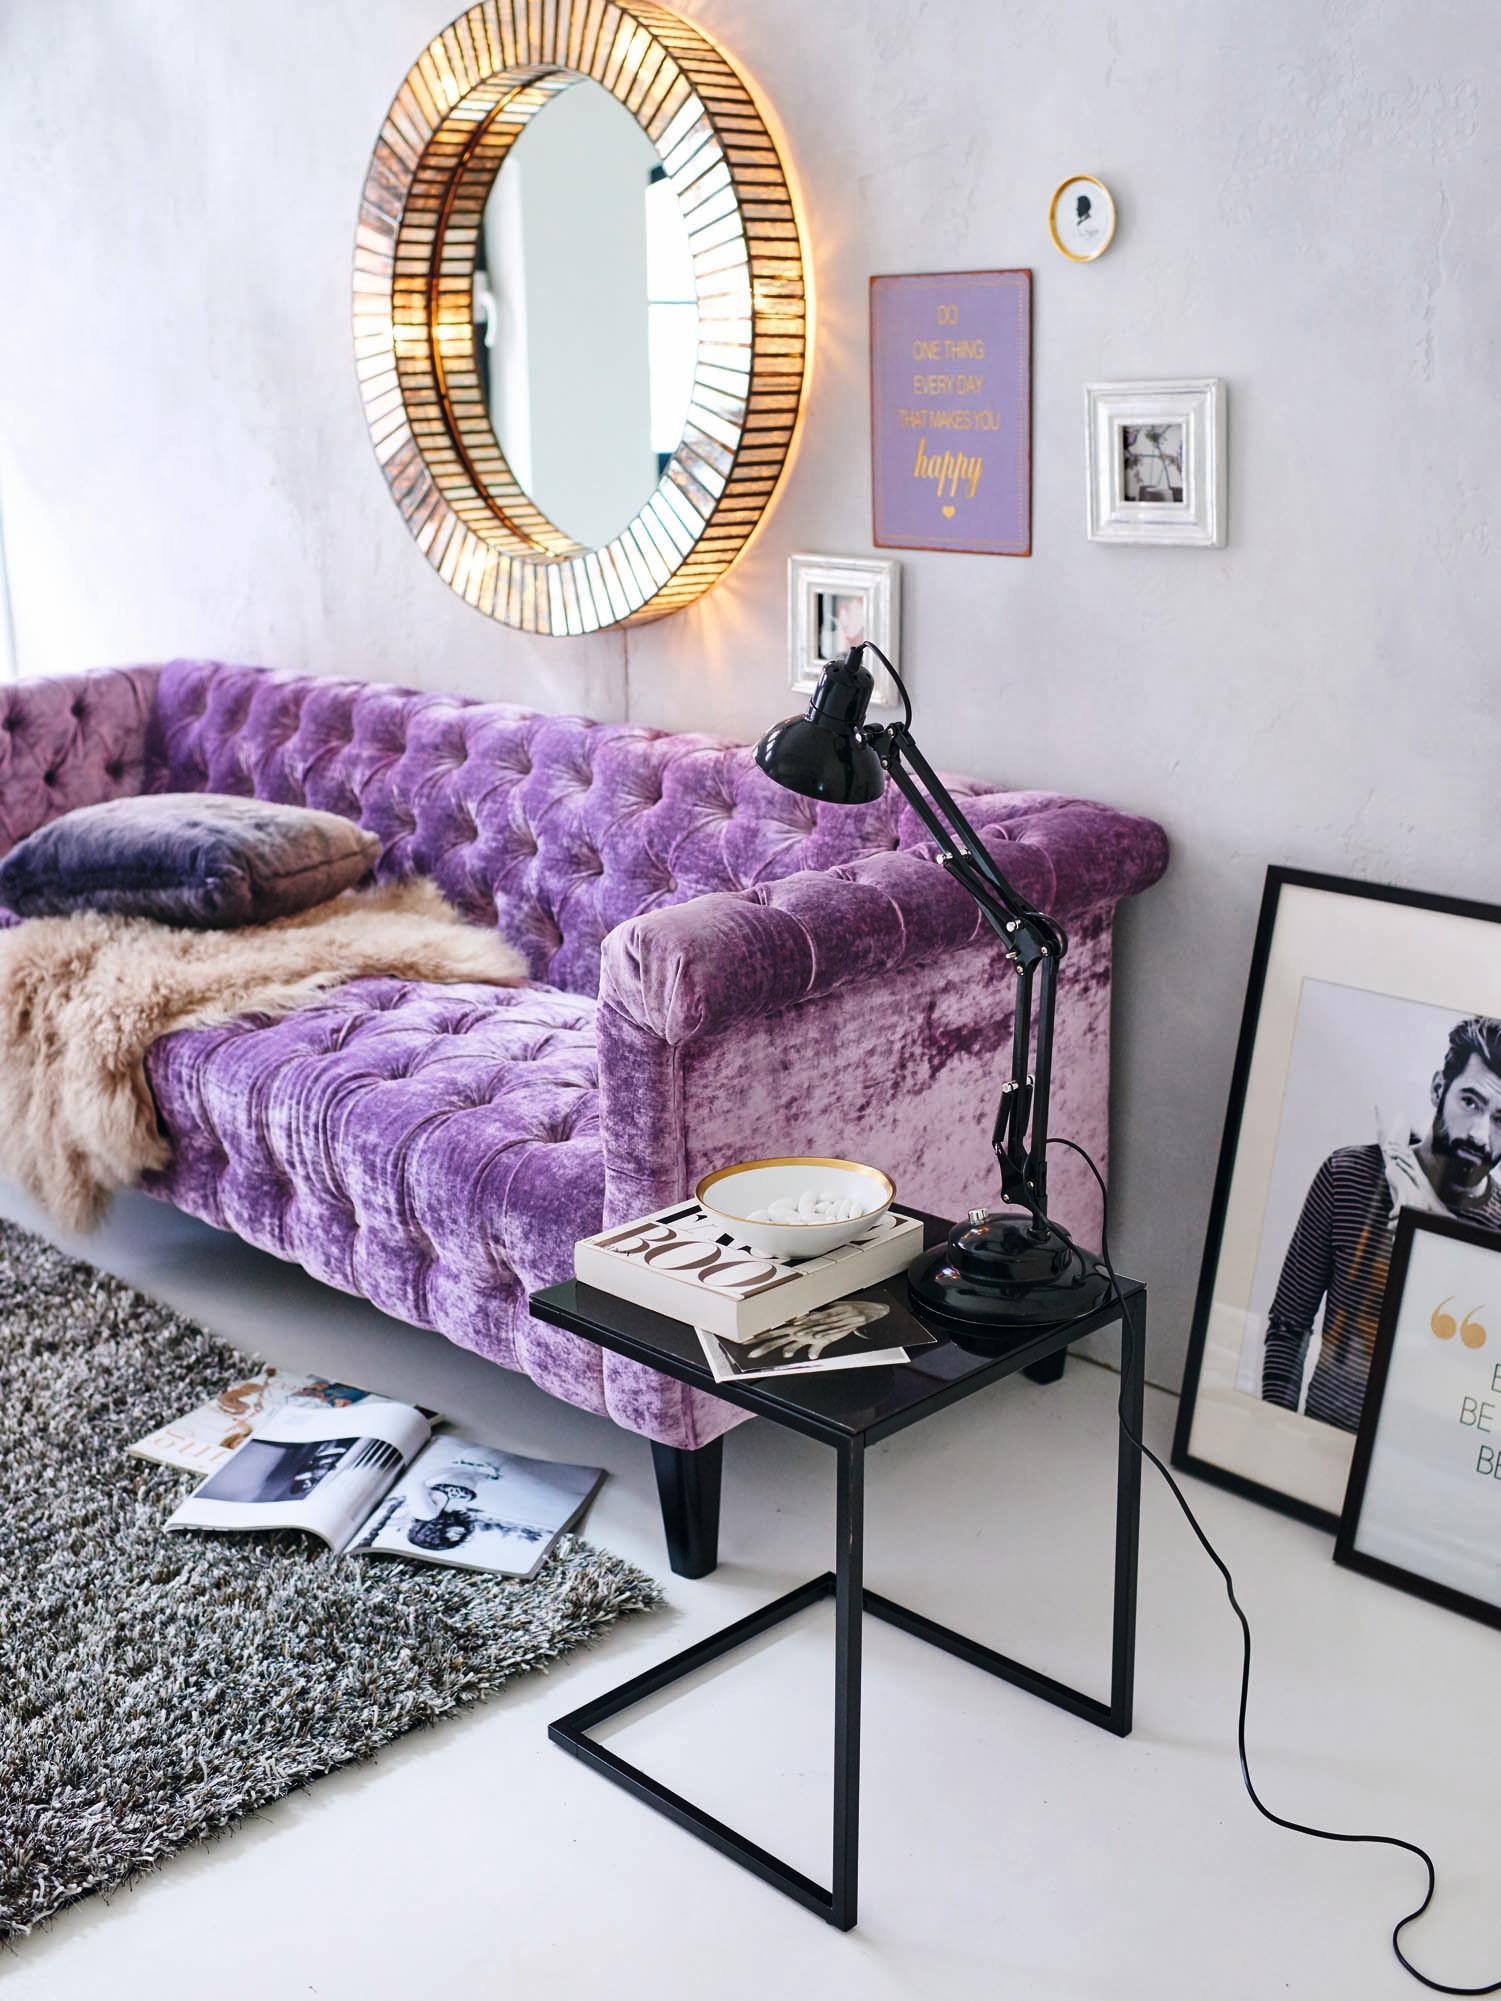 Wohnzimmer Mit Femininen Akzenten #beistelltisch #teppich #wohnzimmer  #wandspiegel #runderspiegel #wandbild